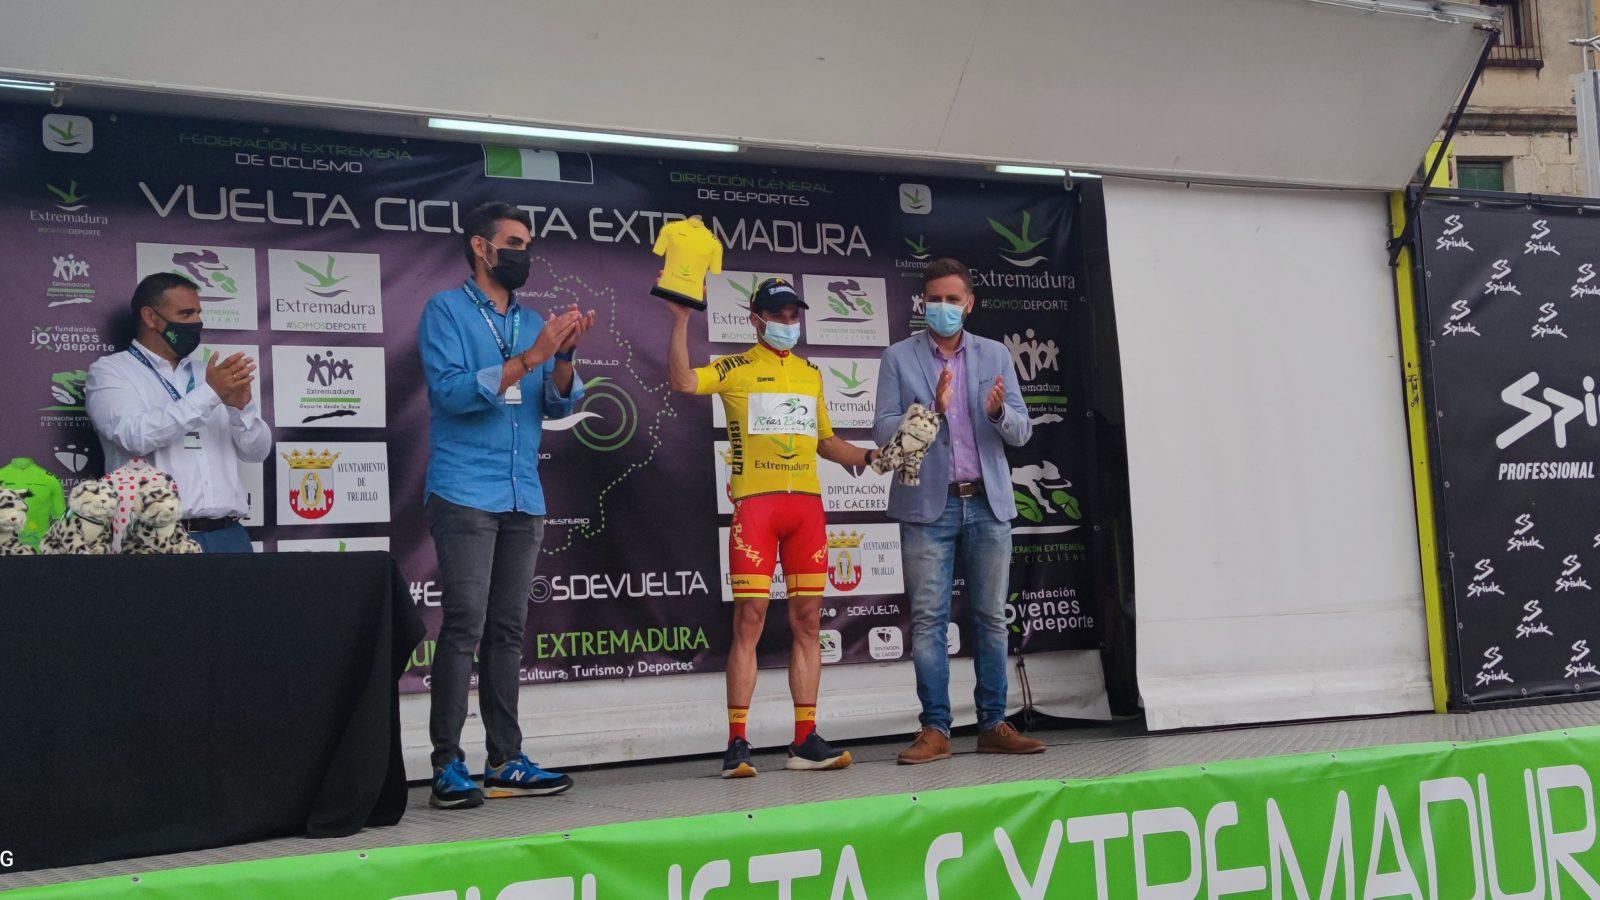 Benja Prades en lo alto del podium de la Vuelta a Extremadura (Foto: @CCRiasBaixas)